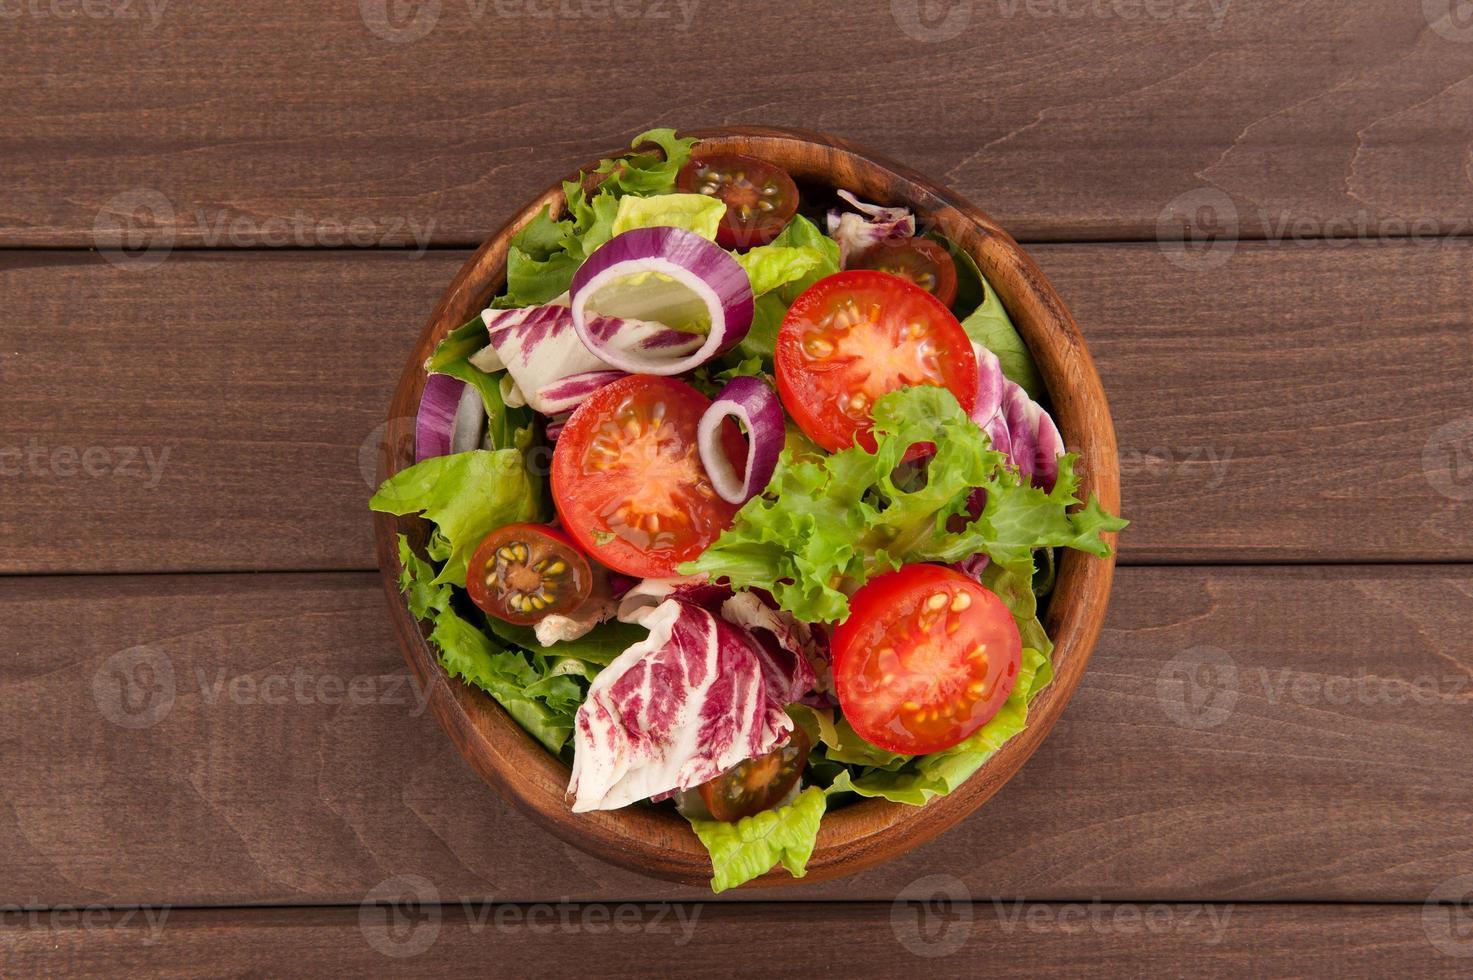 Ensalada de vegetales frescos en un tazón foto